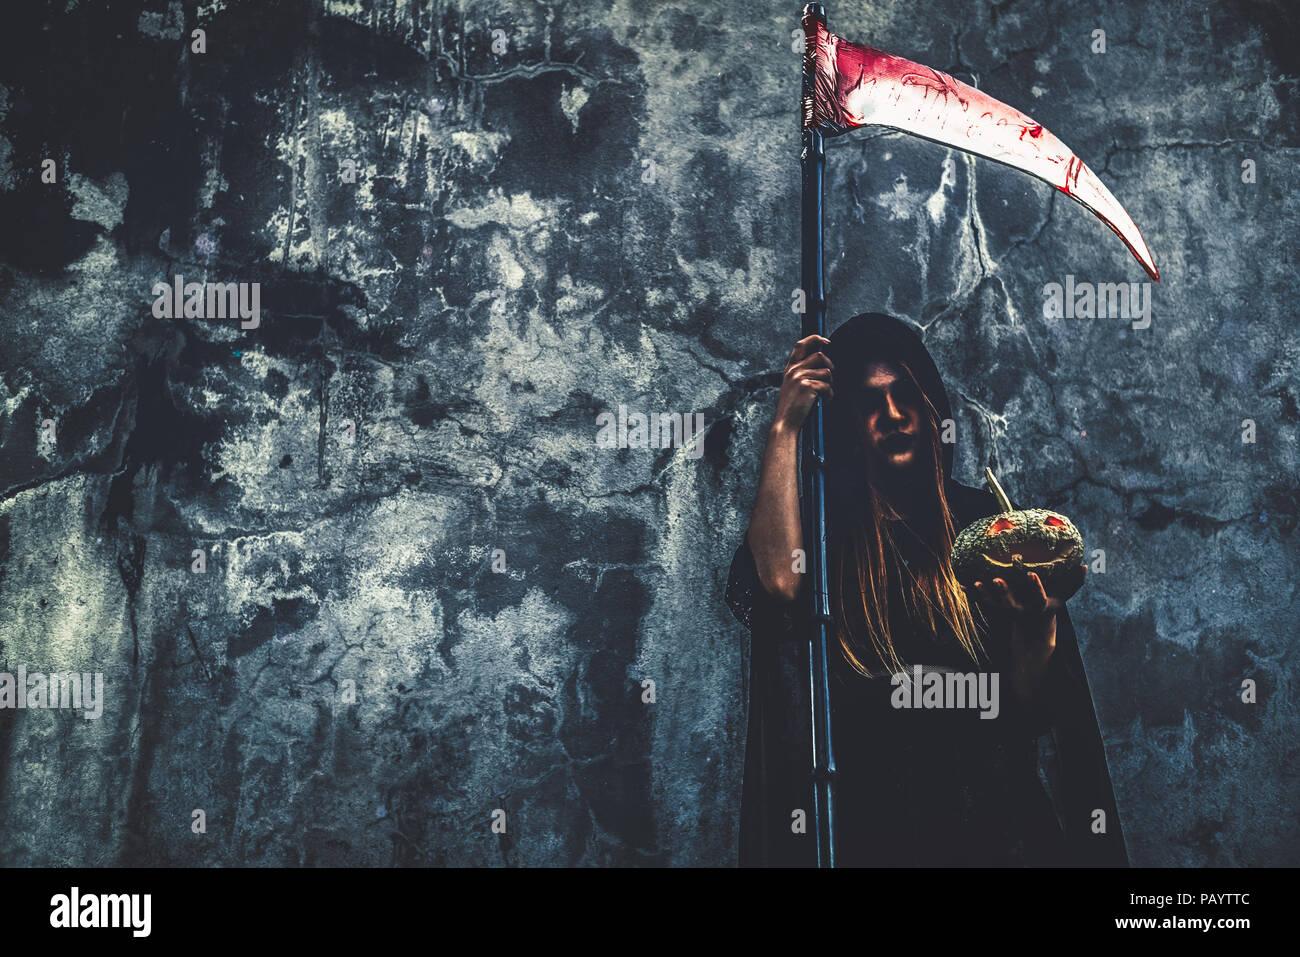 Daemon Hexe mit reaper auf grunge Wand Hintergrund. Halloween und religiöses Konzept. Daemon Engel und Satan Thema. Stockbild